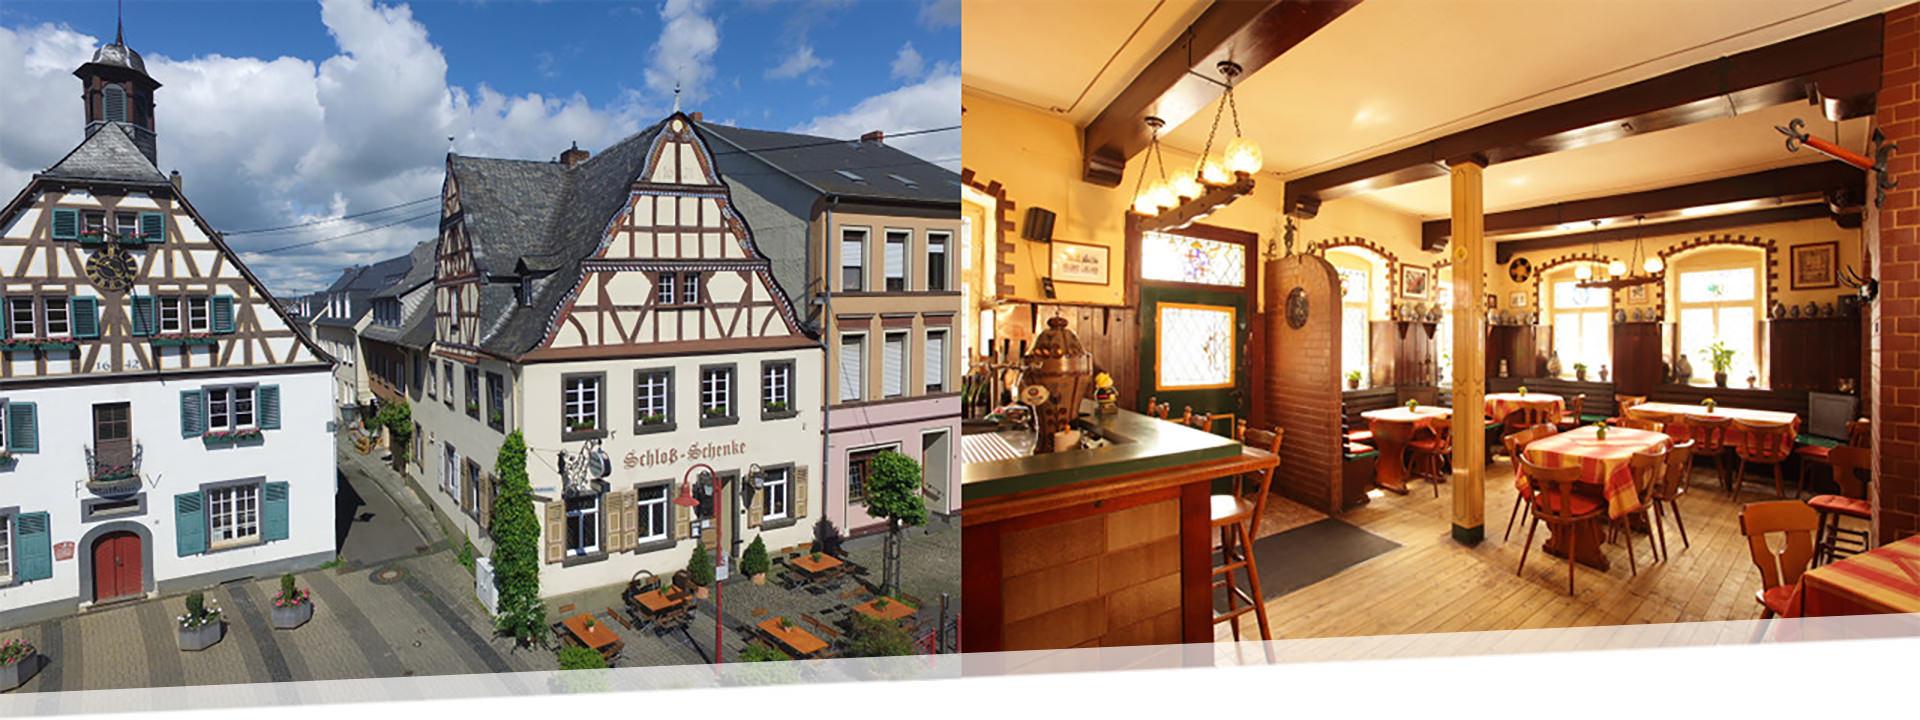 Schloss-Schenke